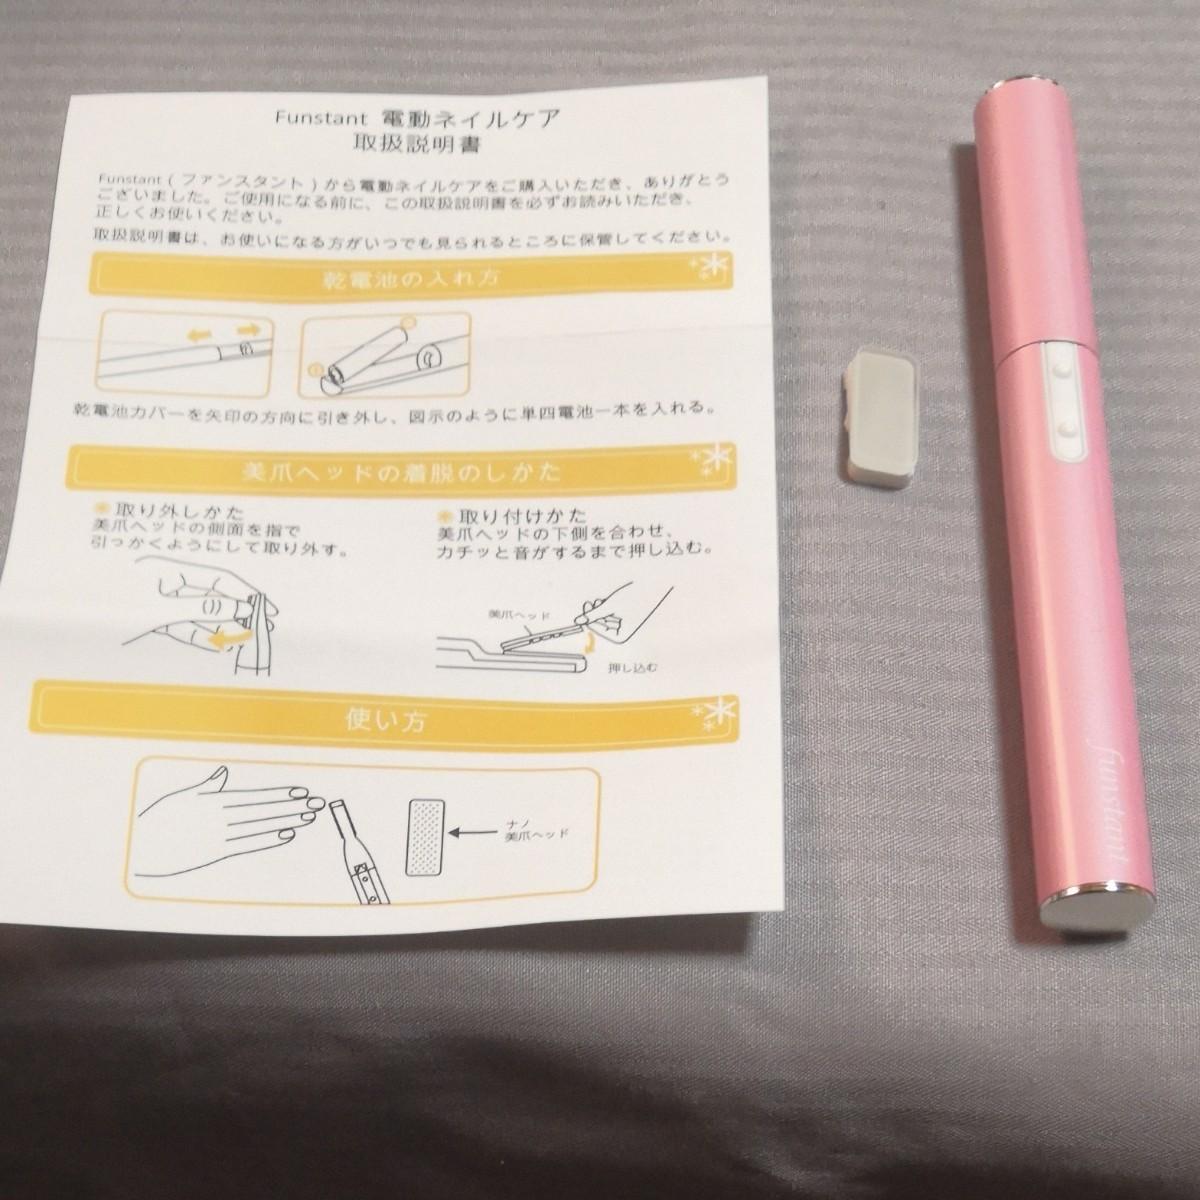 電動ネイルケア 爪やすり 爪切り 爪磨き 最新ナノガラス採用